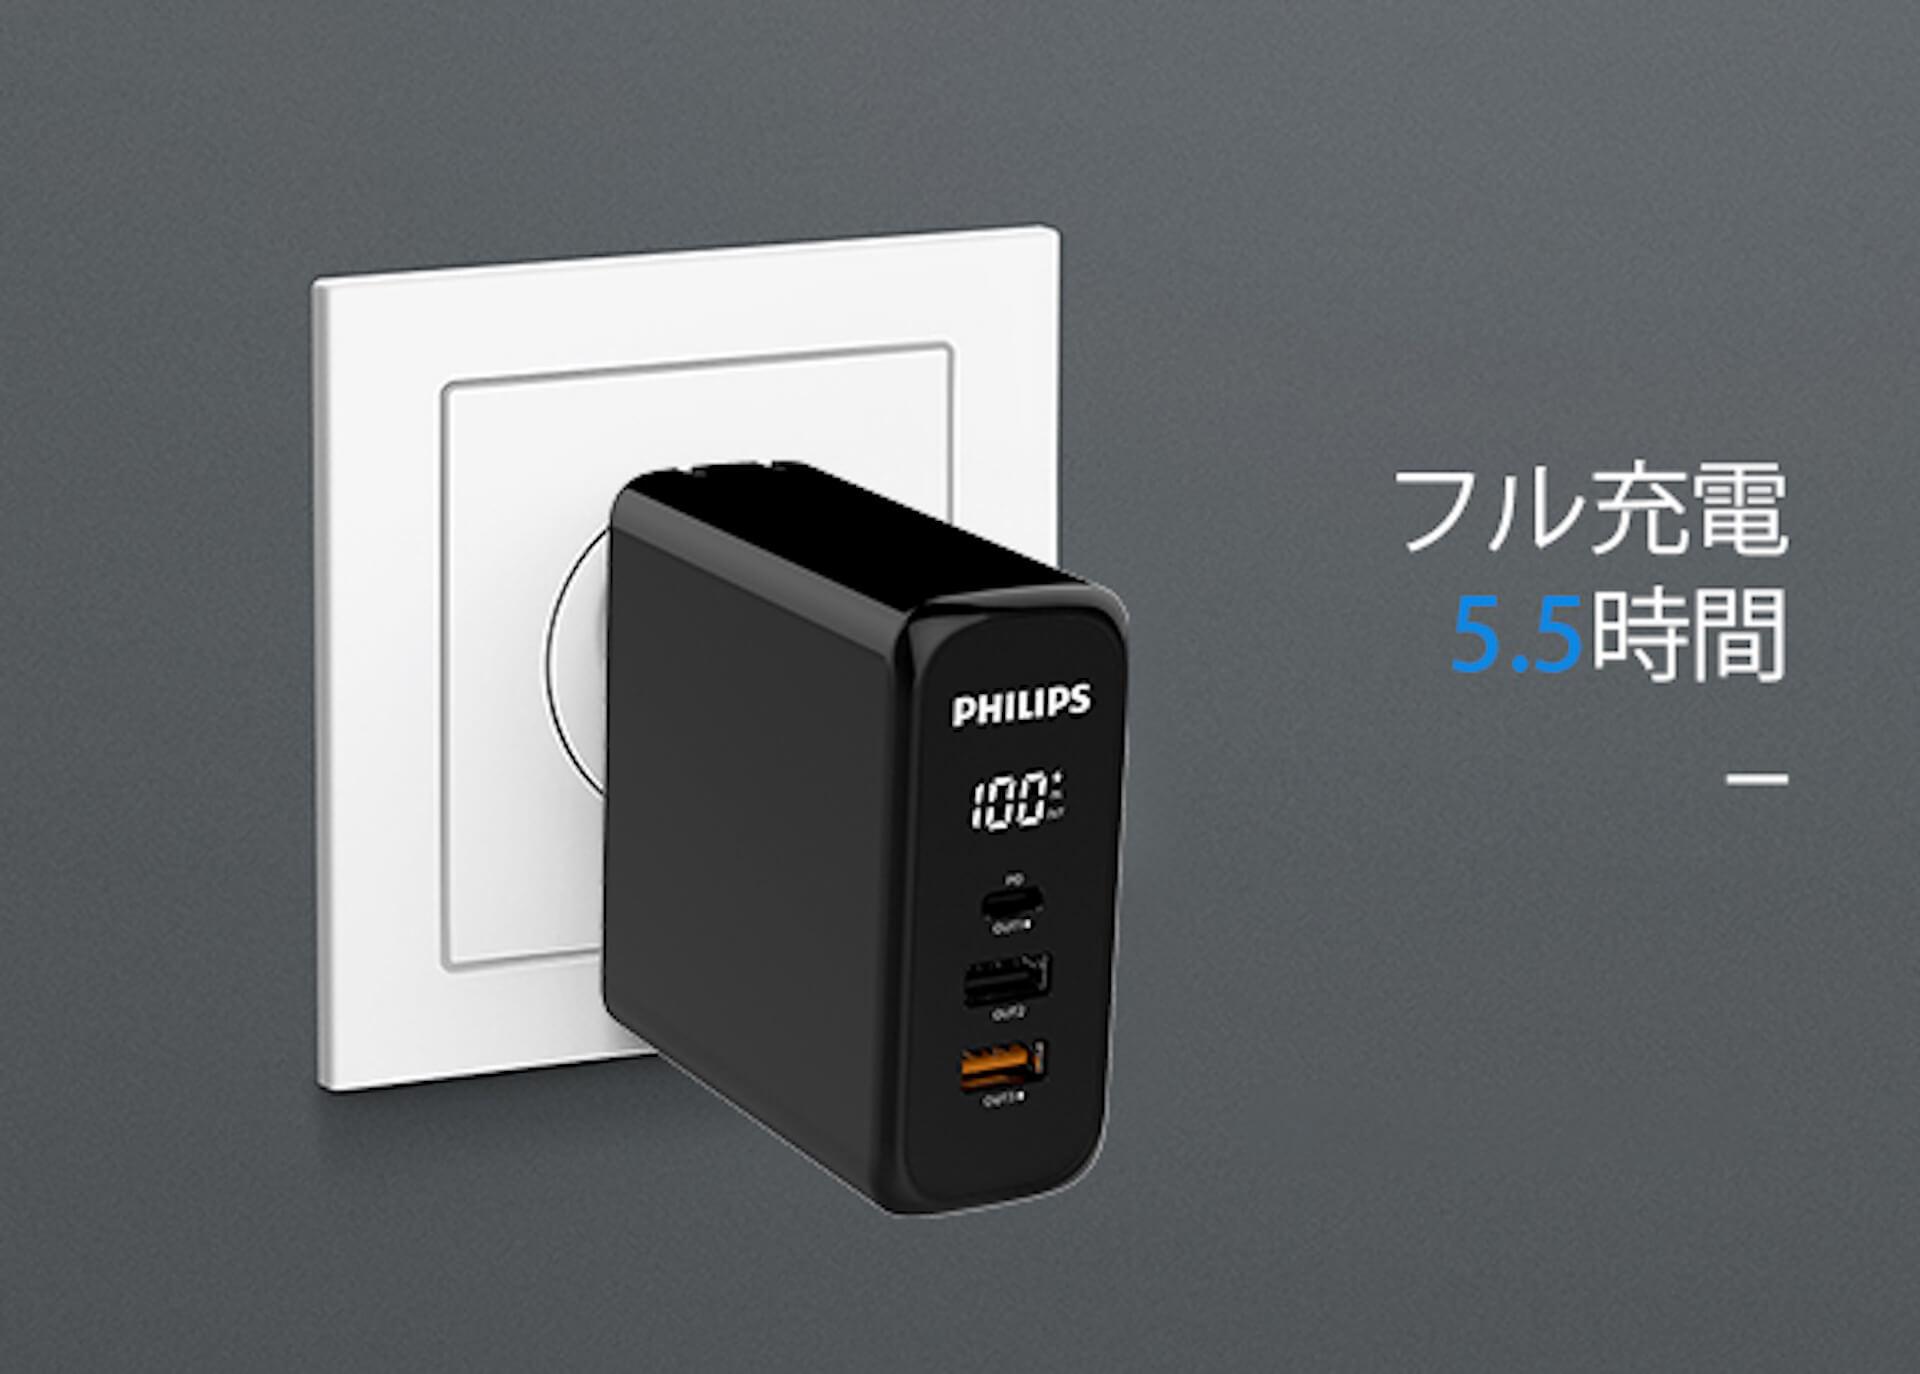 充電器とモバイルバッテリーが1つで完結するアダプターがPHILIPSから登場!クラウドファンディングにて先行販売が開始 tech200422_philips_04